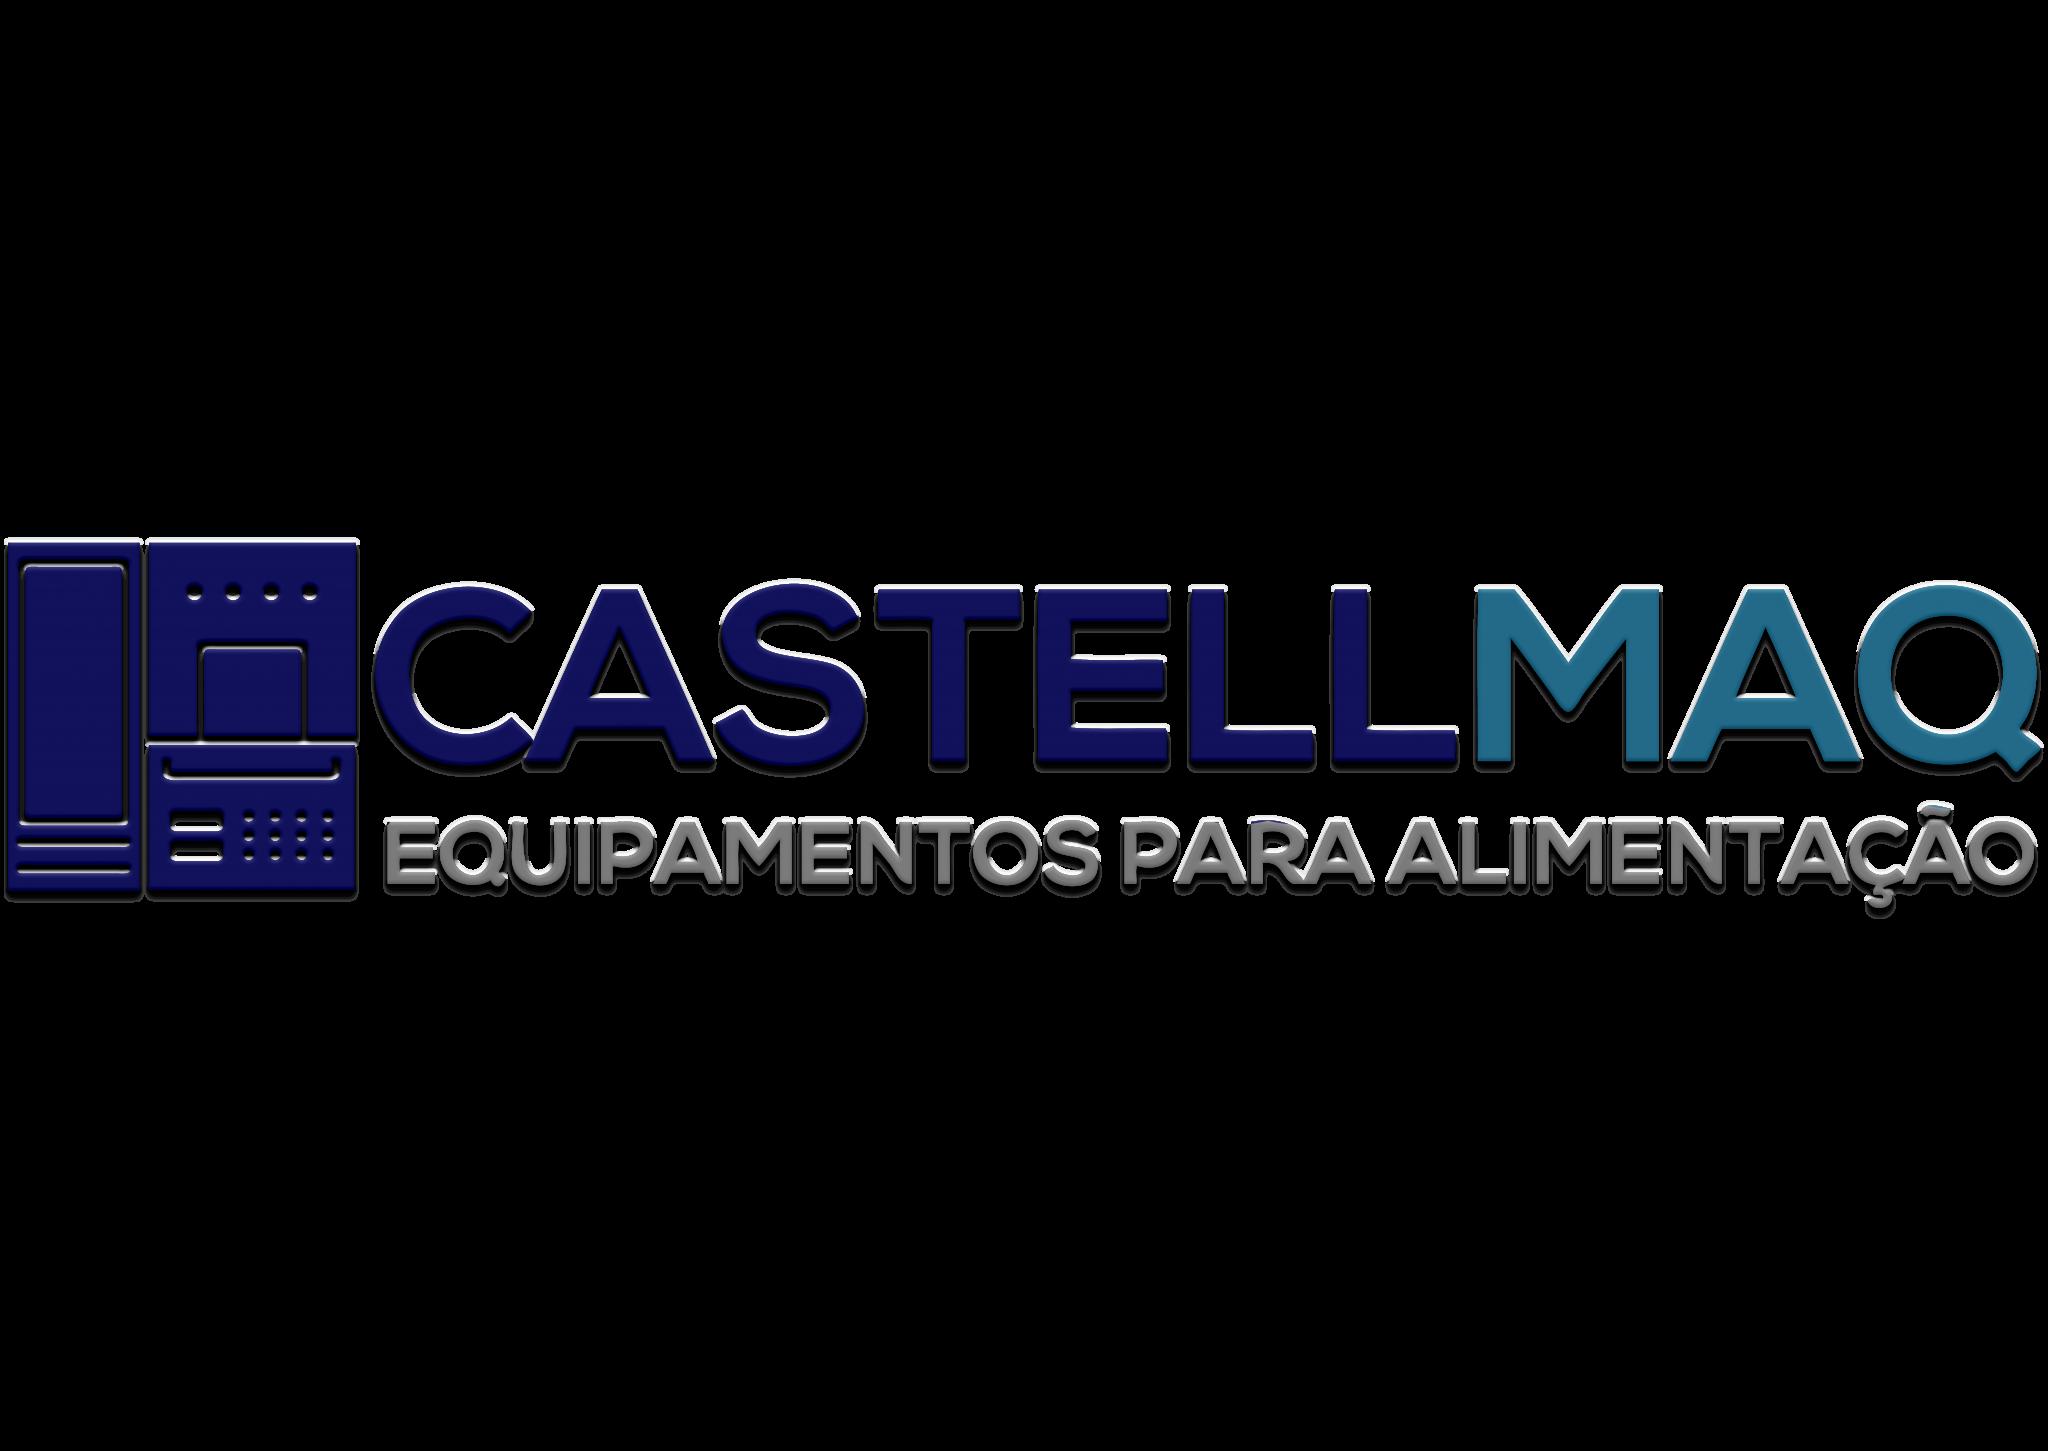 Blog Castellmaq: Tudo para profissionais do segmento alimentício